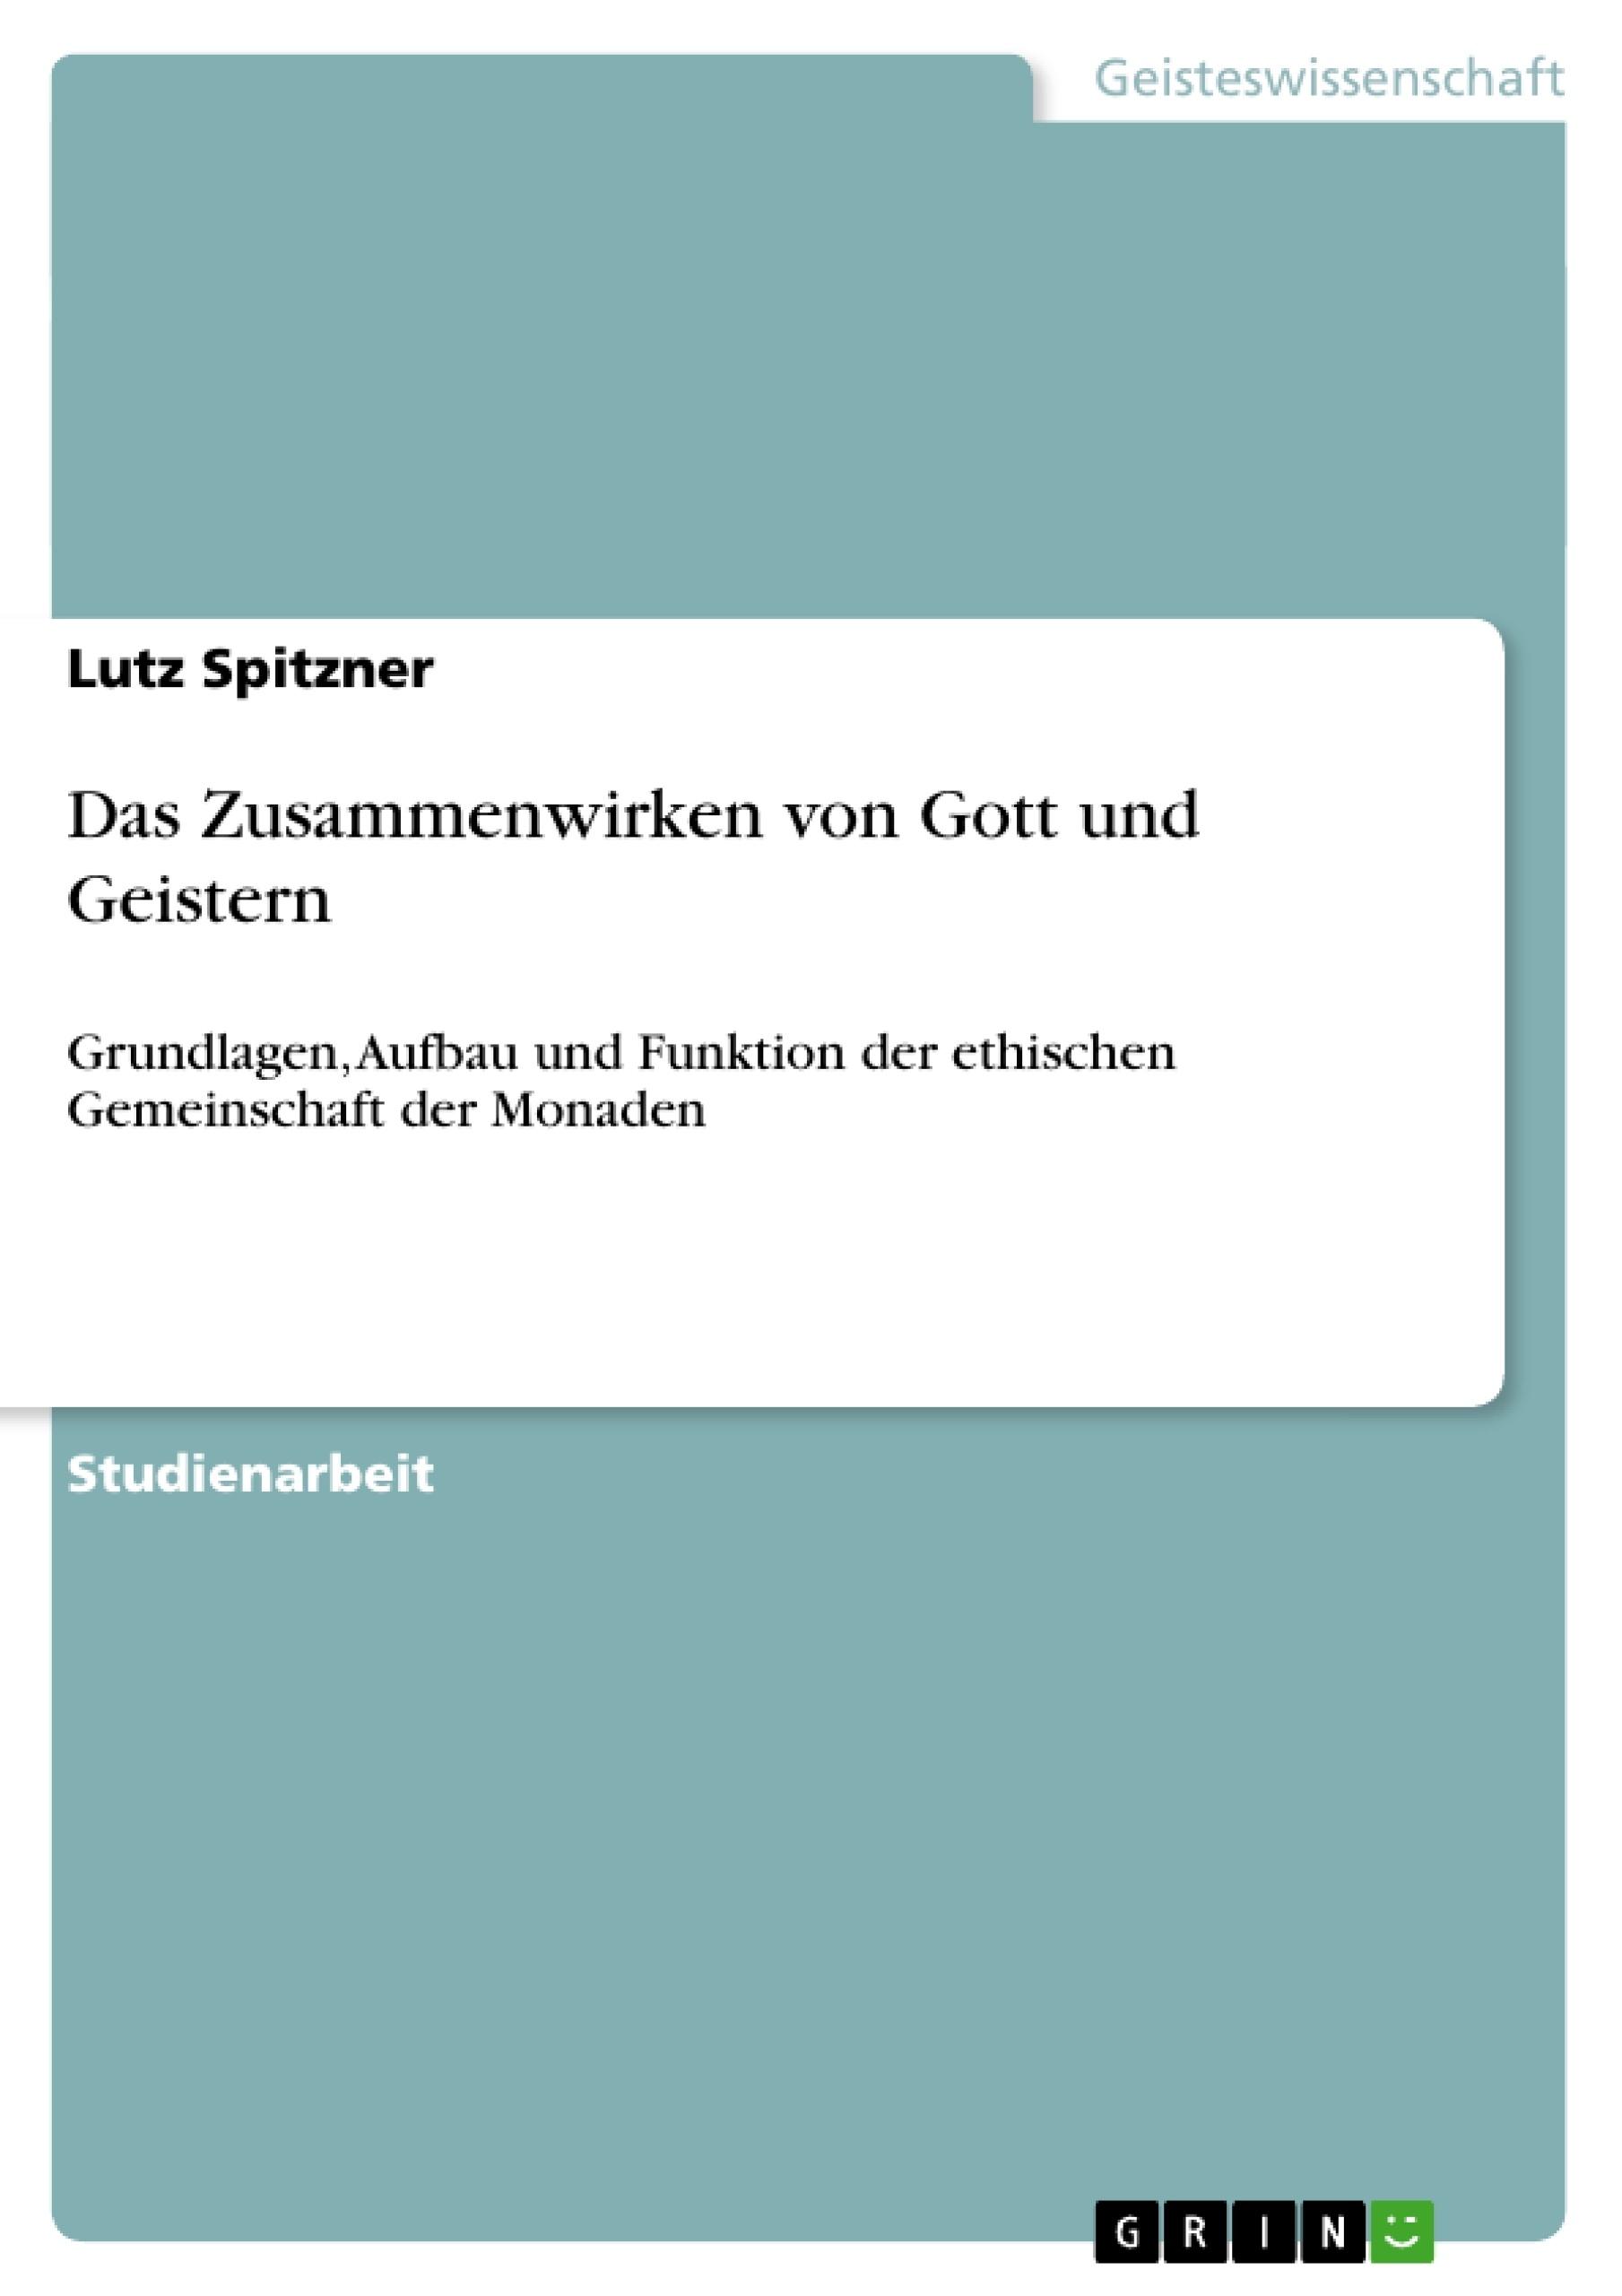 Titel: Das Zusammenwirken von Gott und Geistern